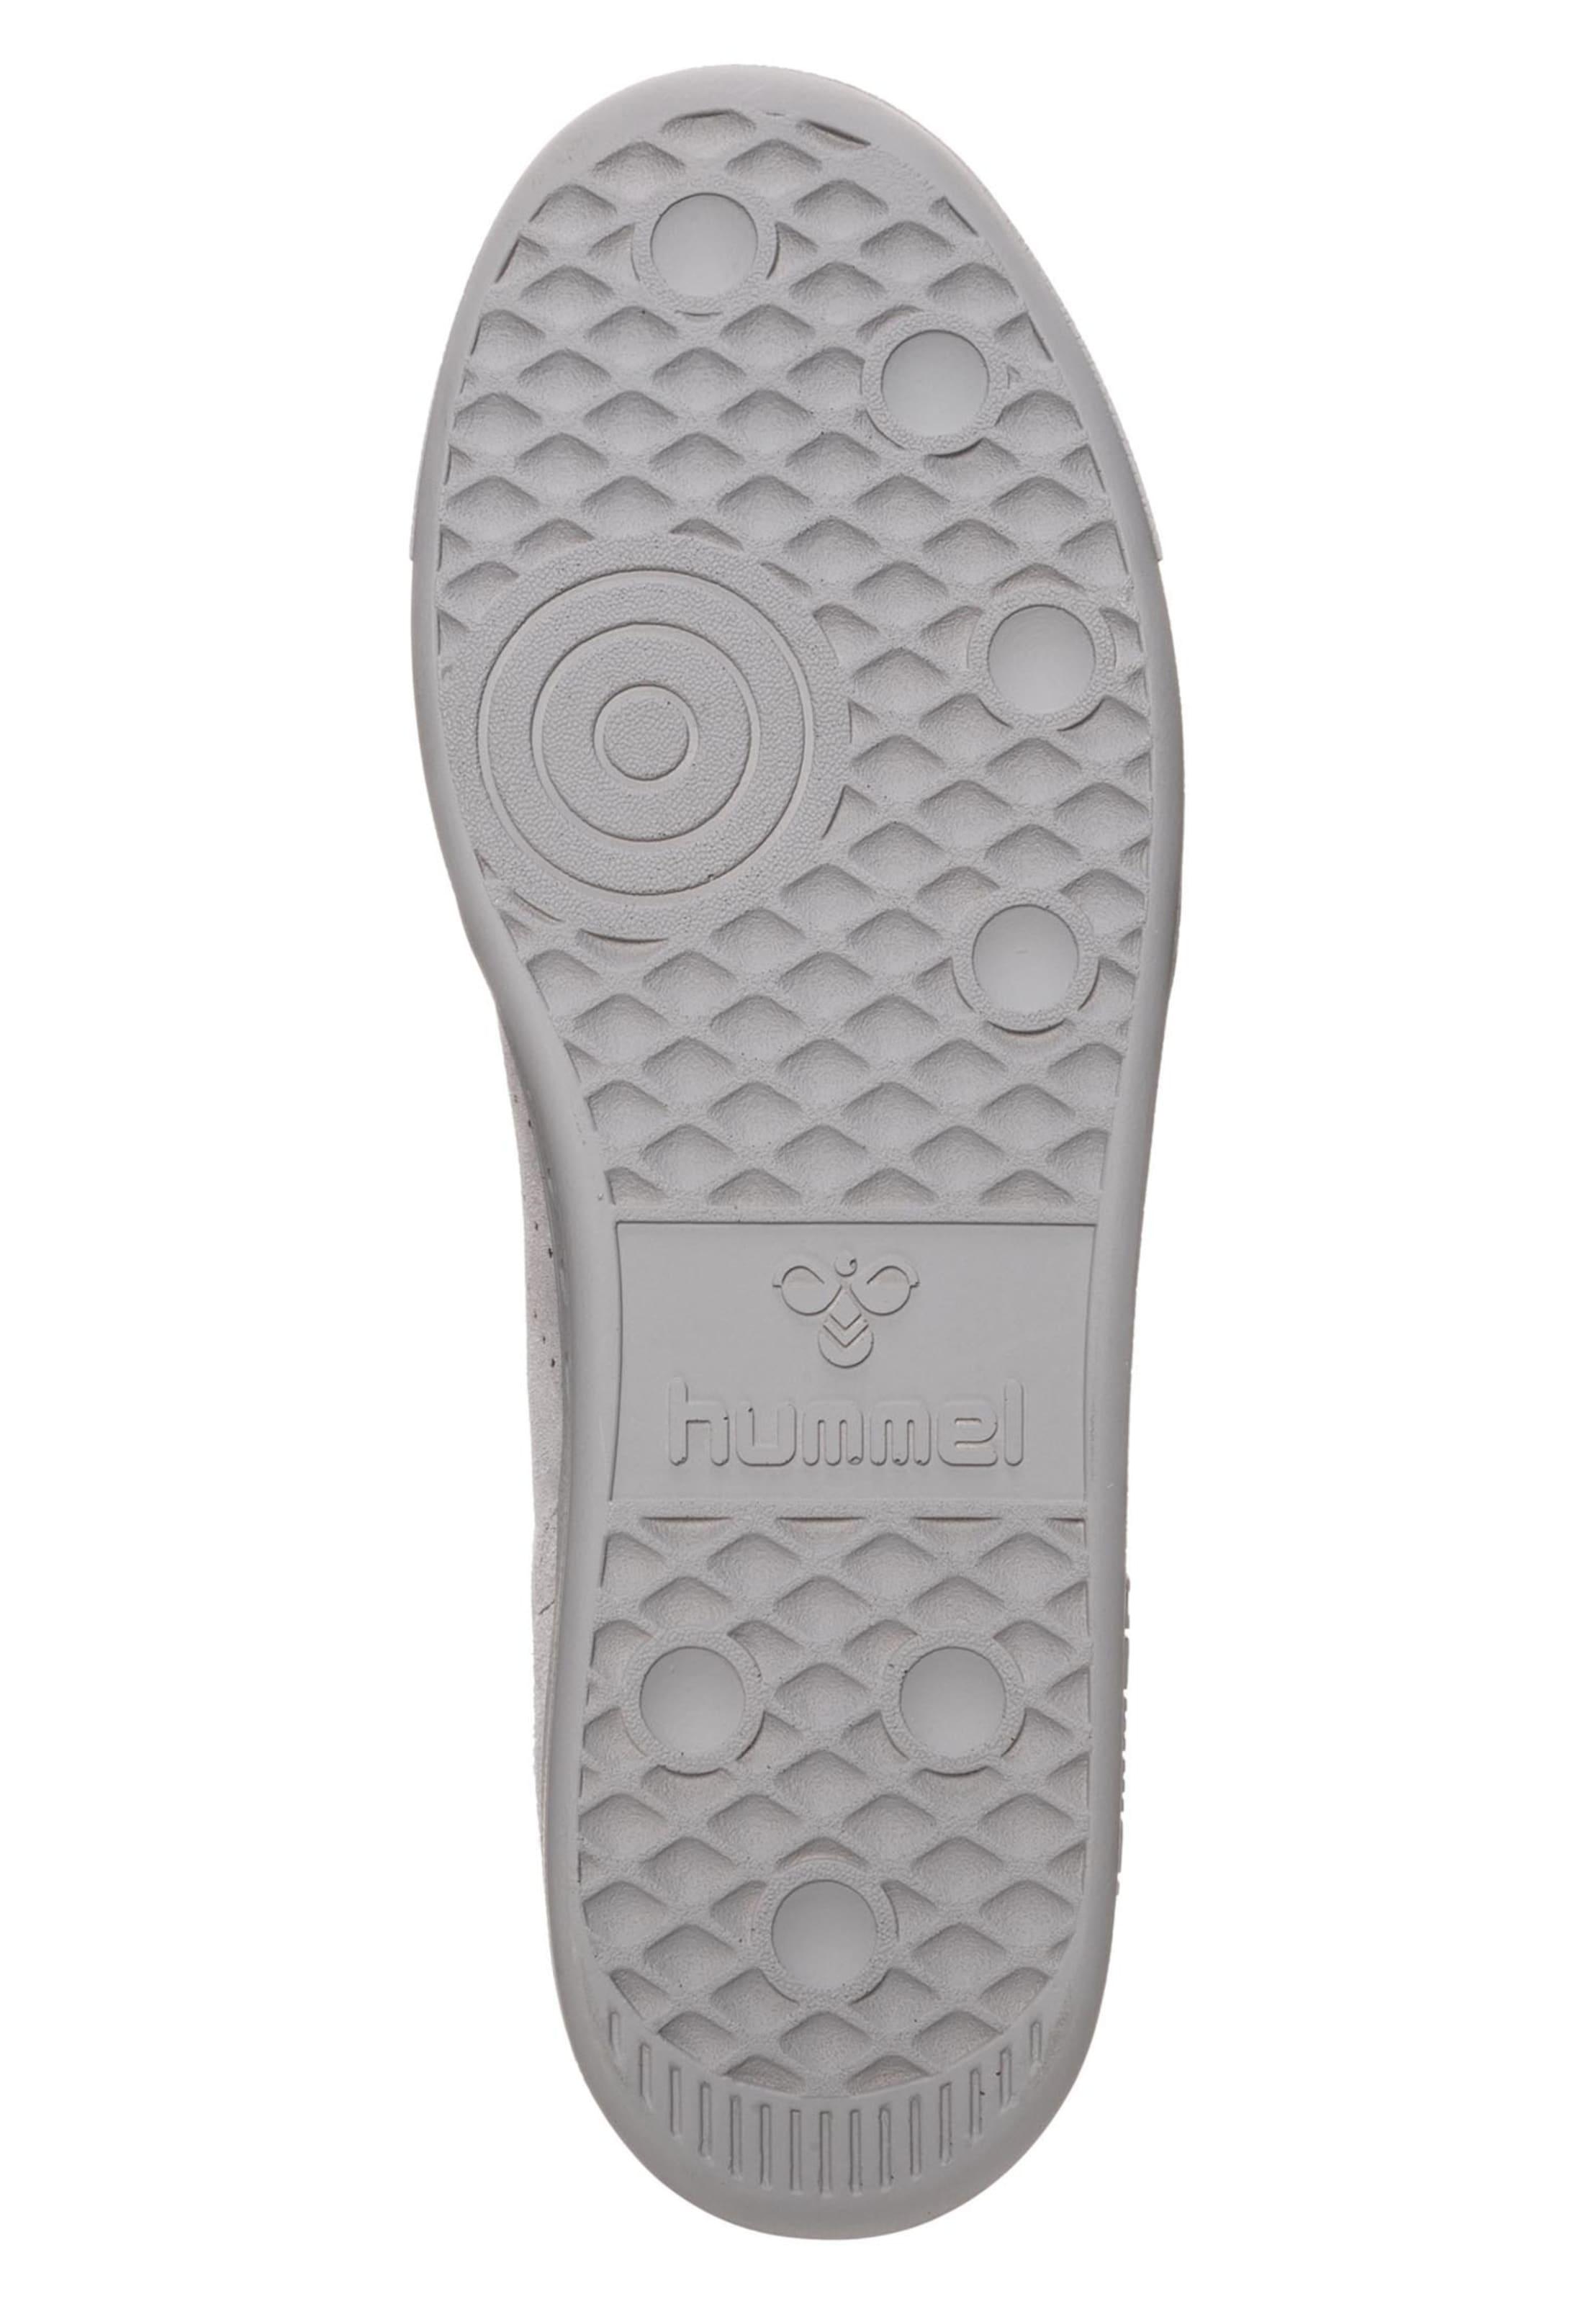 Trimm' 'super Grau Hummel Sneaker In iuXkOPZ